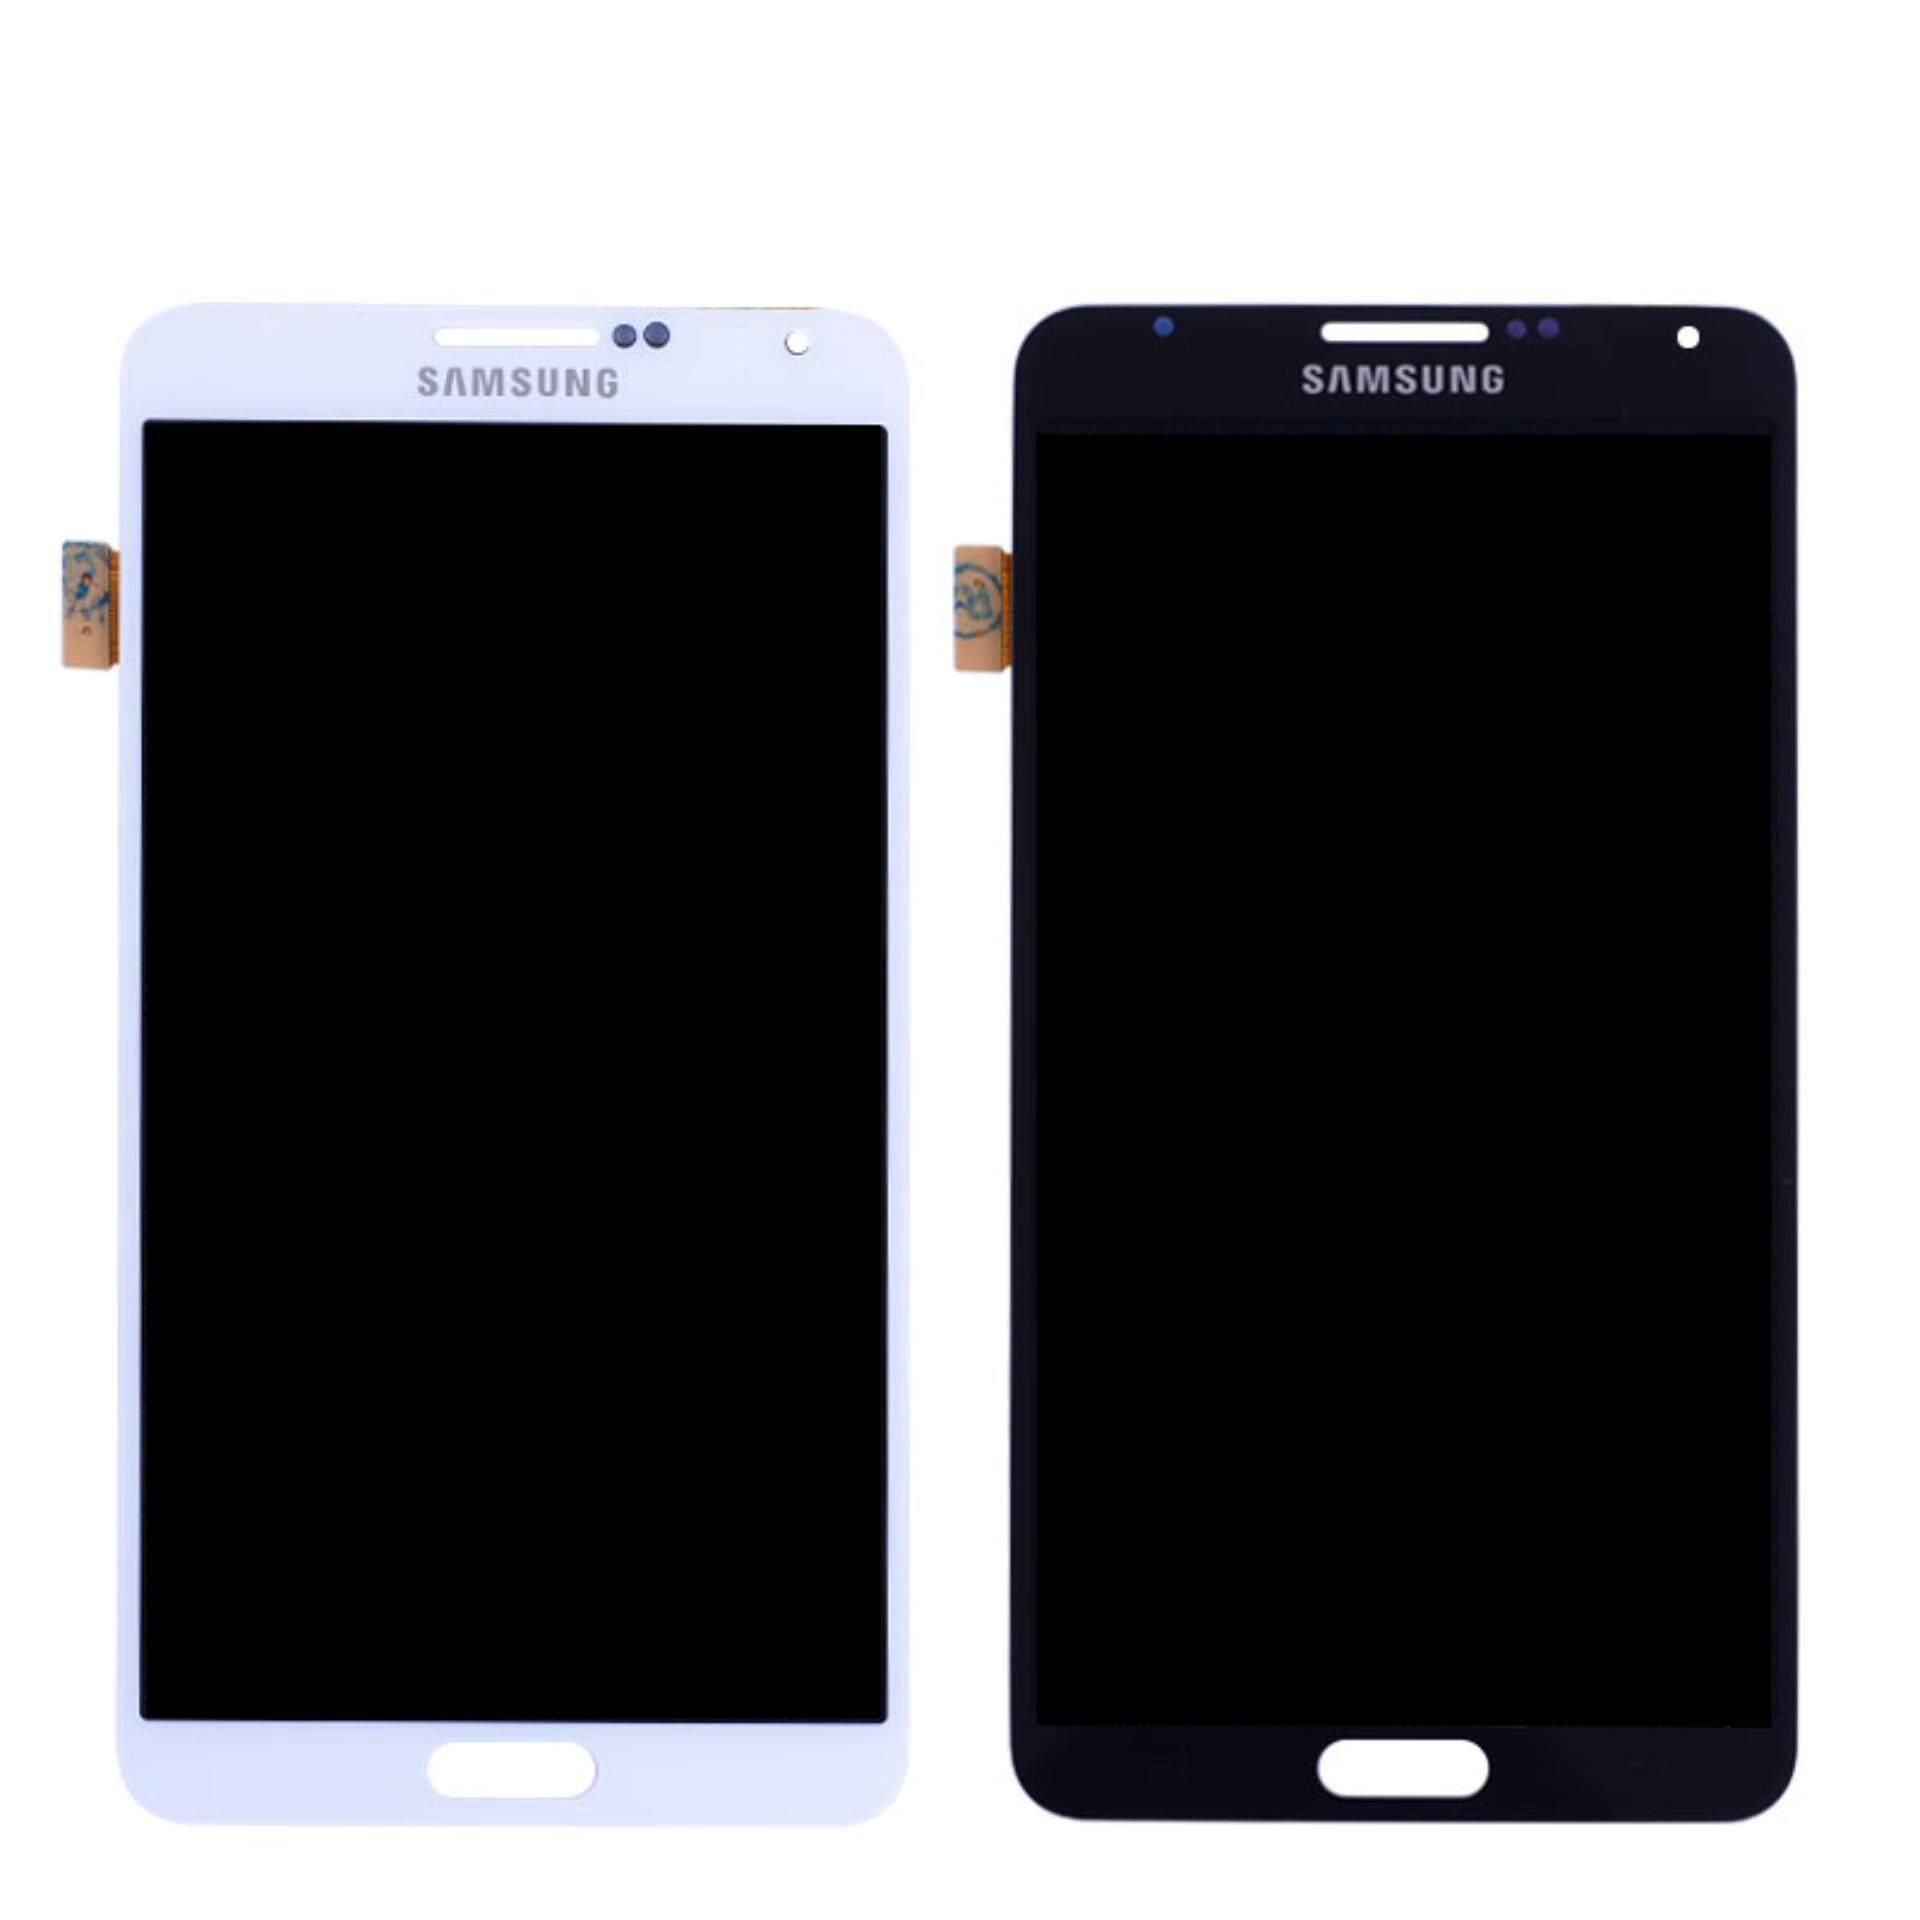 Layar Super AMOLED LCD Tampilan Sentuh Layar Digitizer Penggantian untuk Samsung Galaksi Note 3 N9005 N900A N900T N900-Internasional